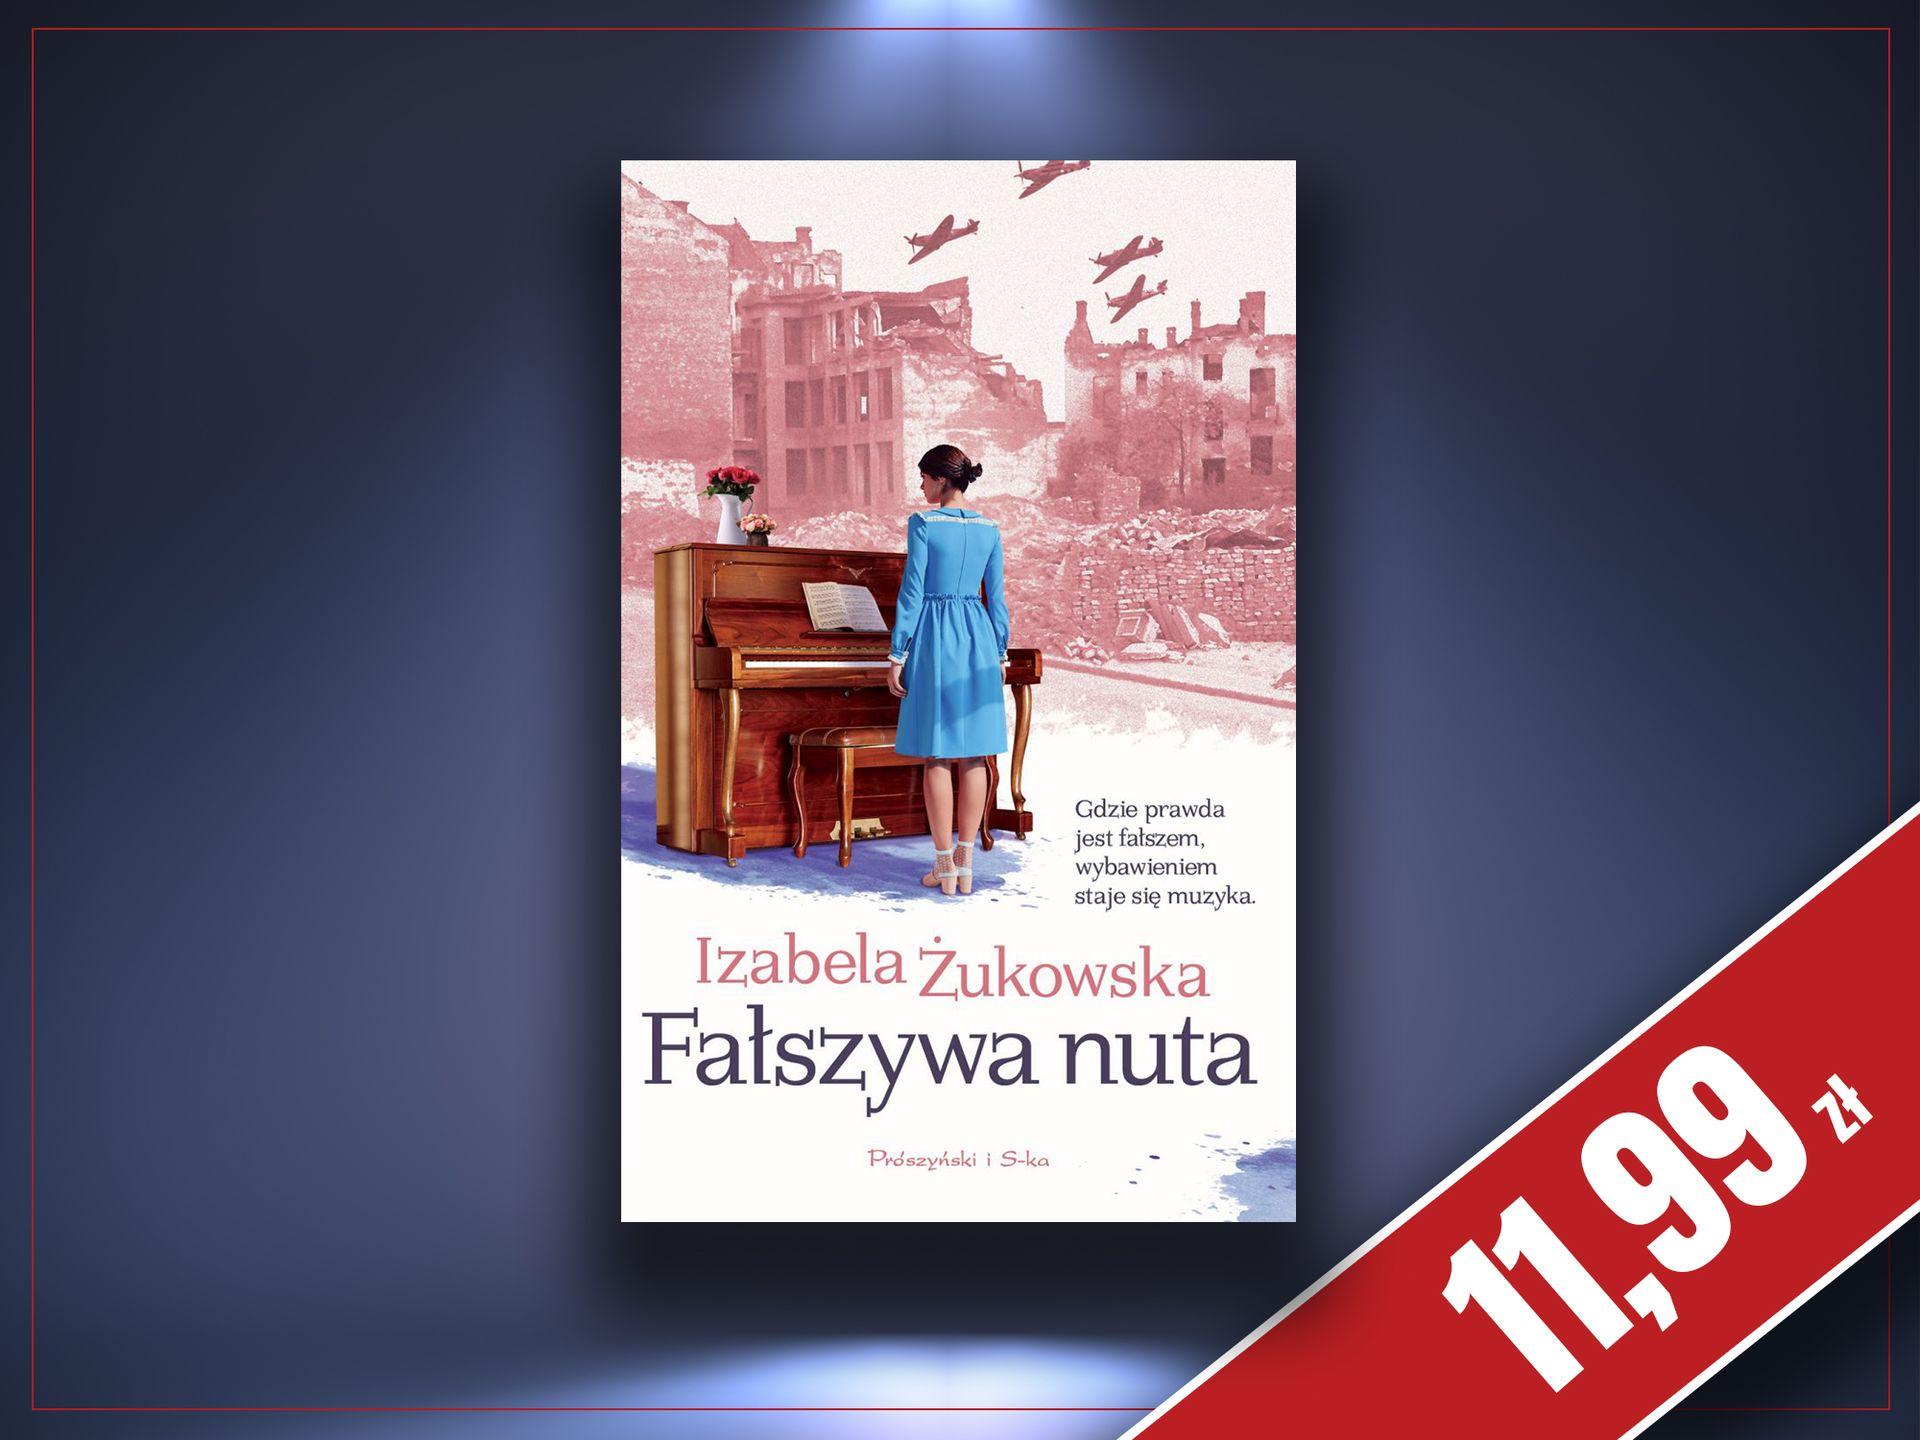 Fałszywa nuta - Izabela Żukowska, zaczytanyksiazkoholik.pl